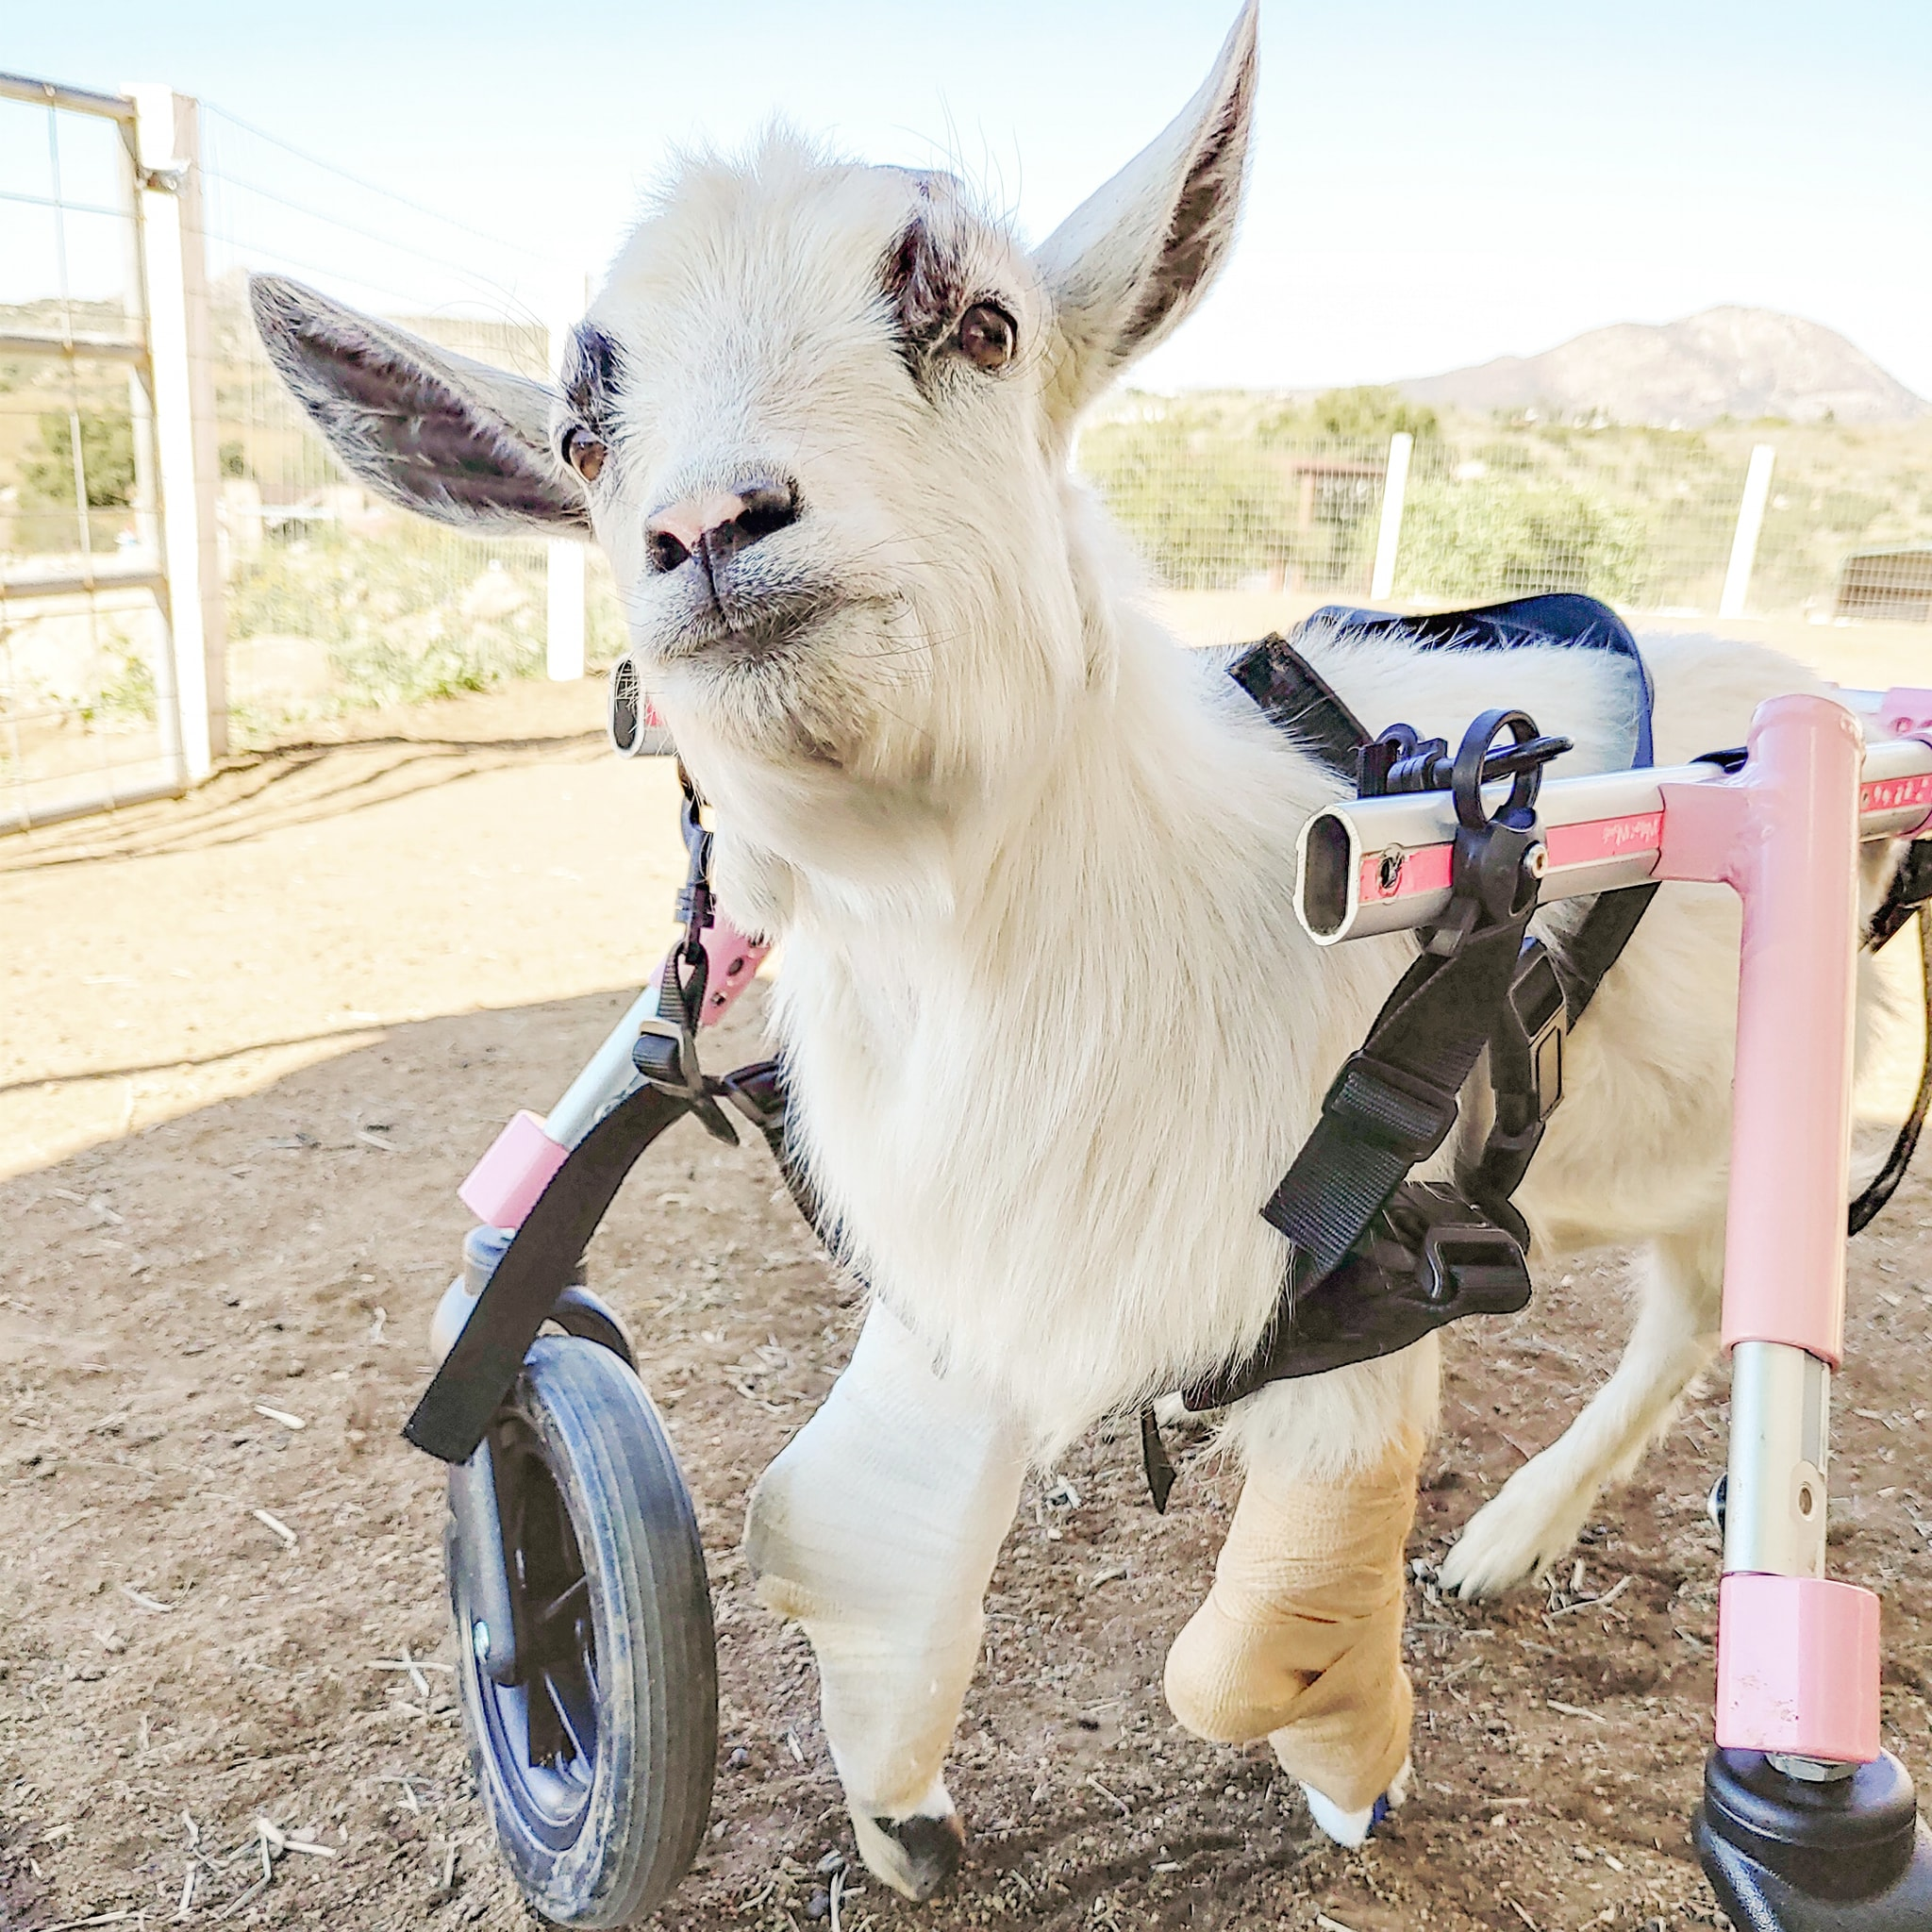 Jolene the goat